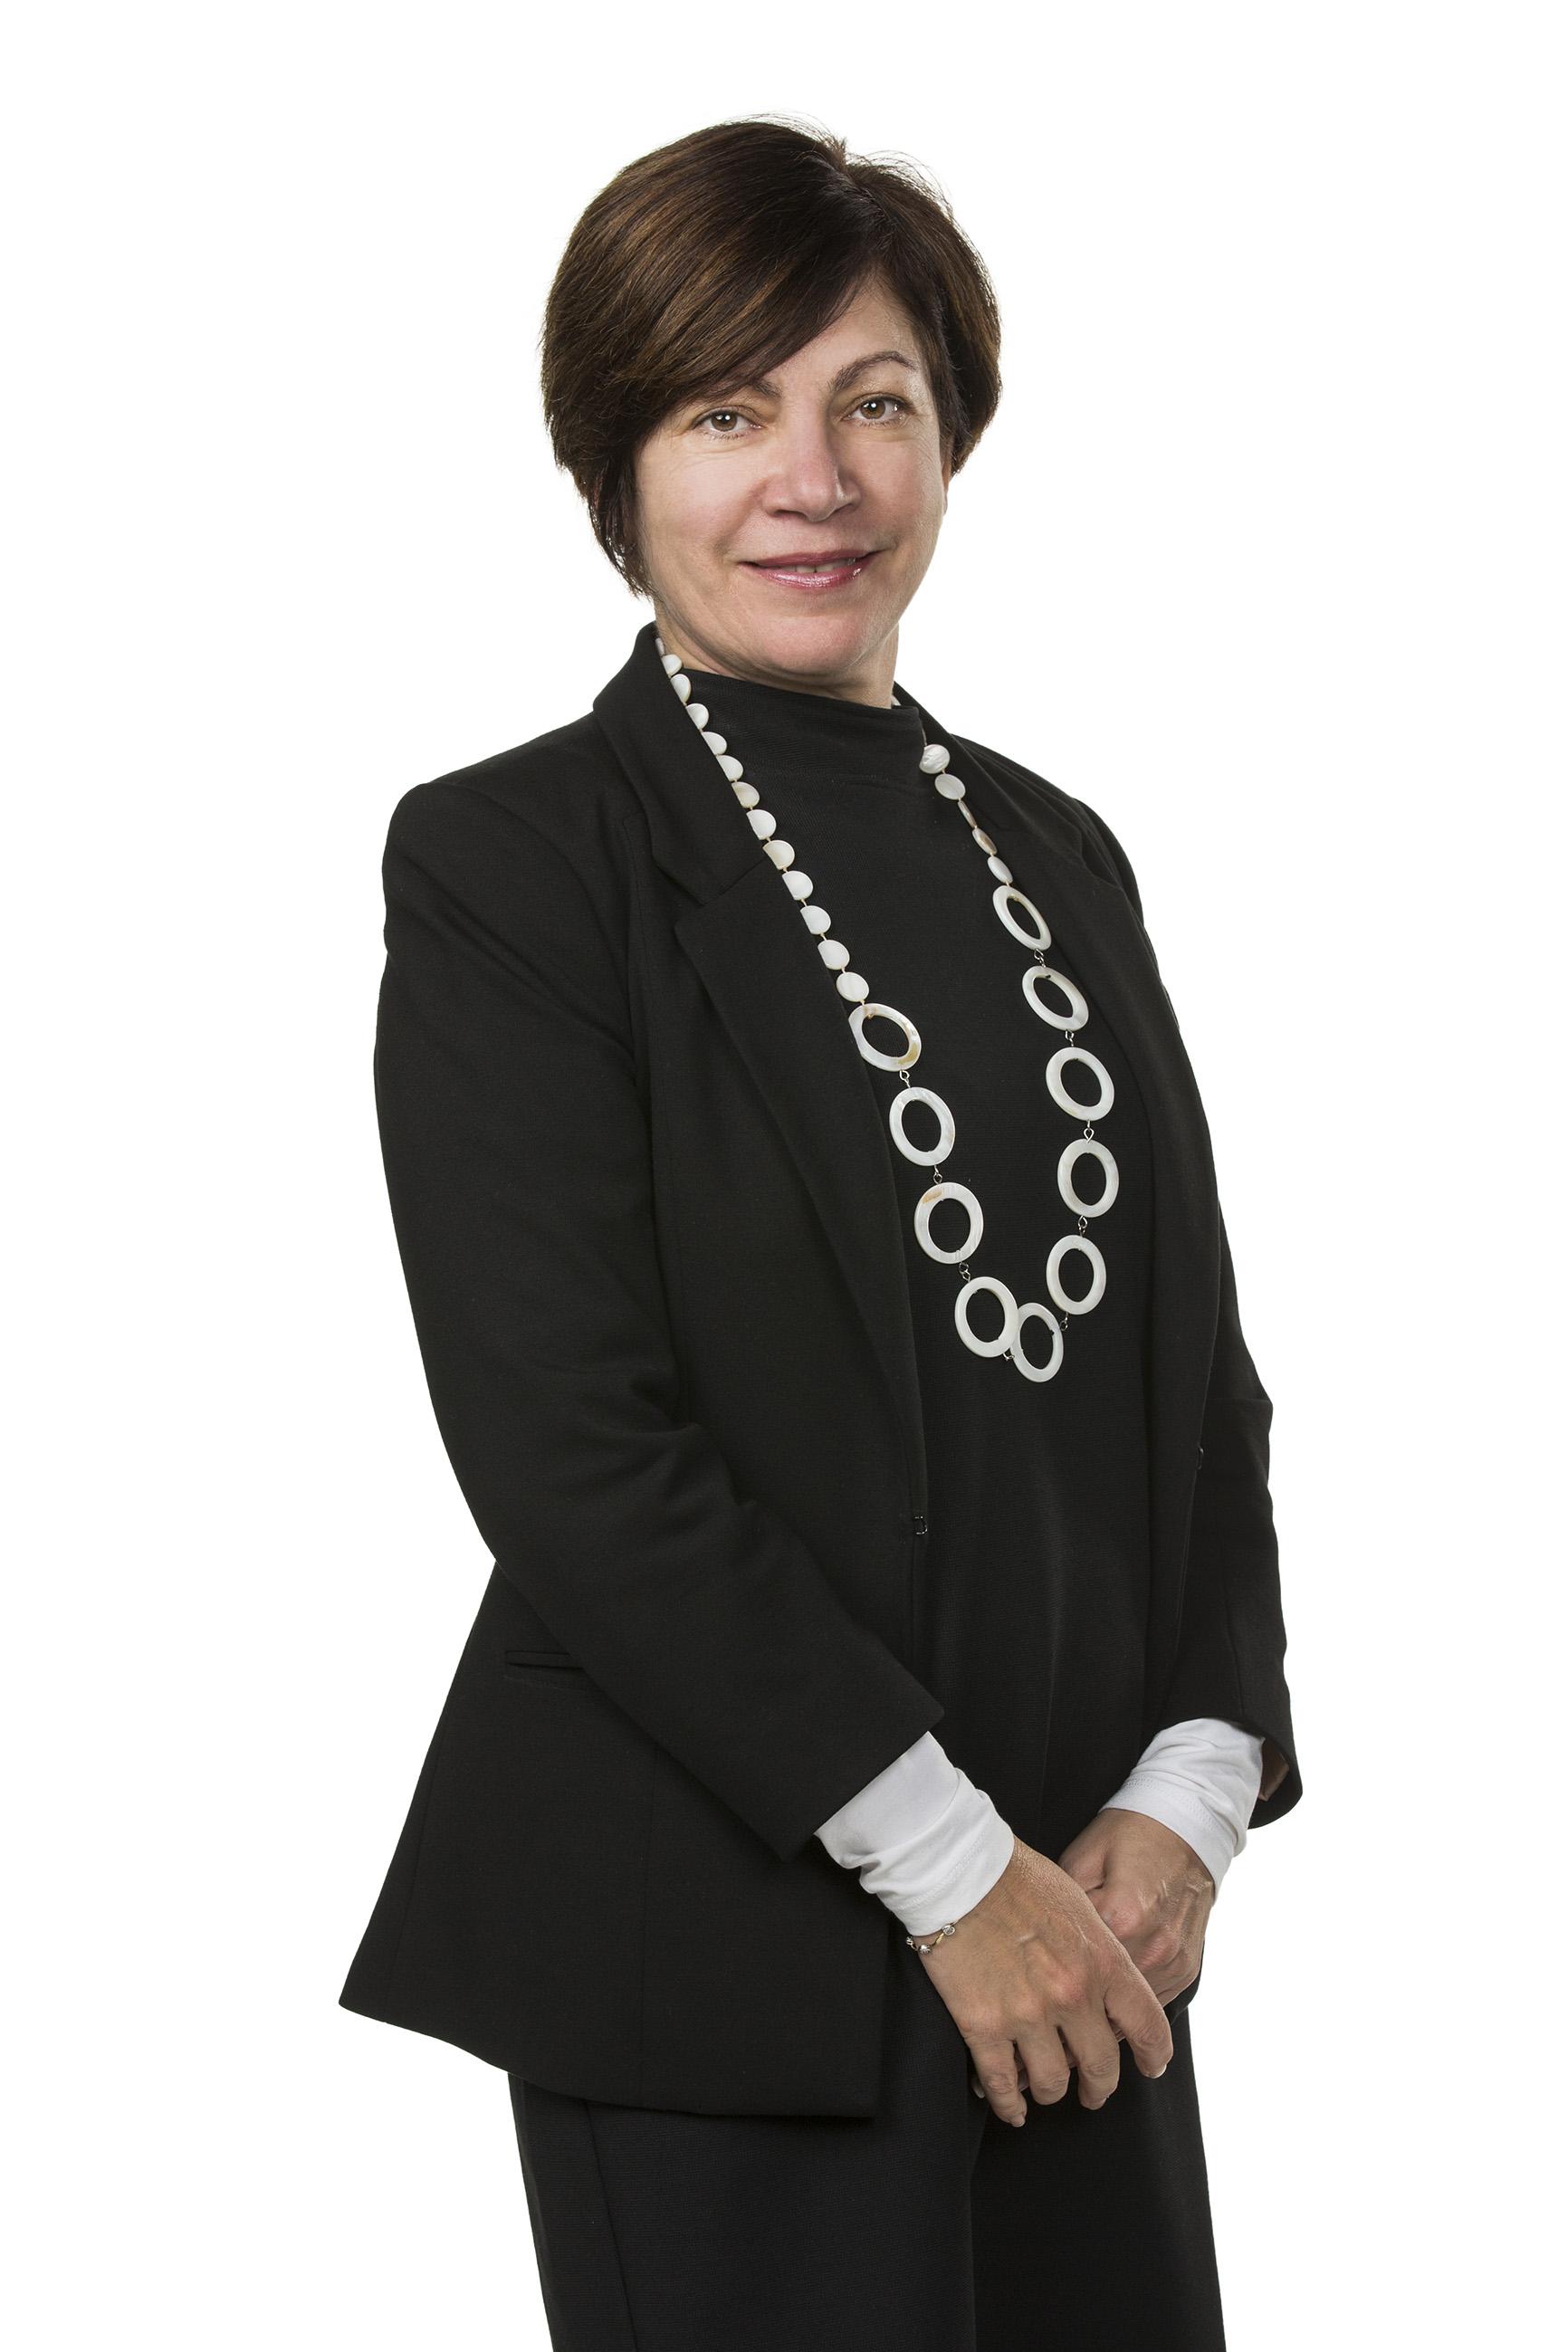 Olga Serova